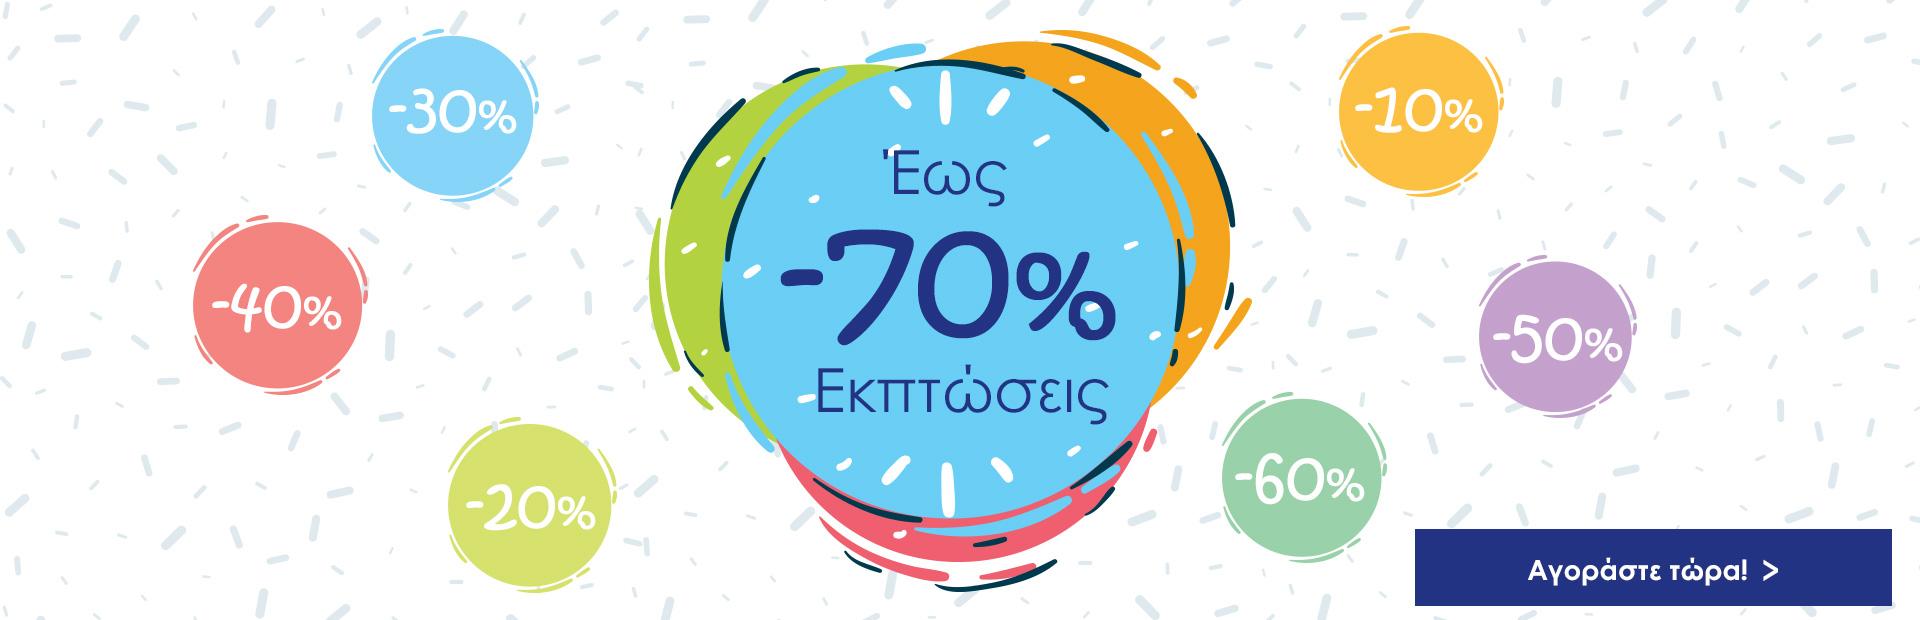 Εκπτώσεις έως -70%